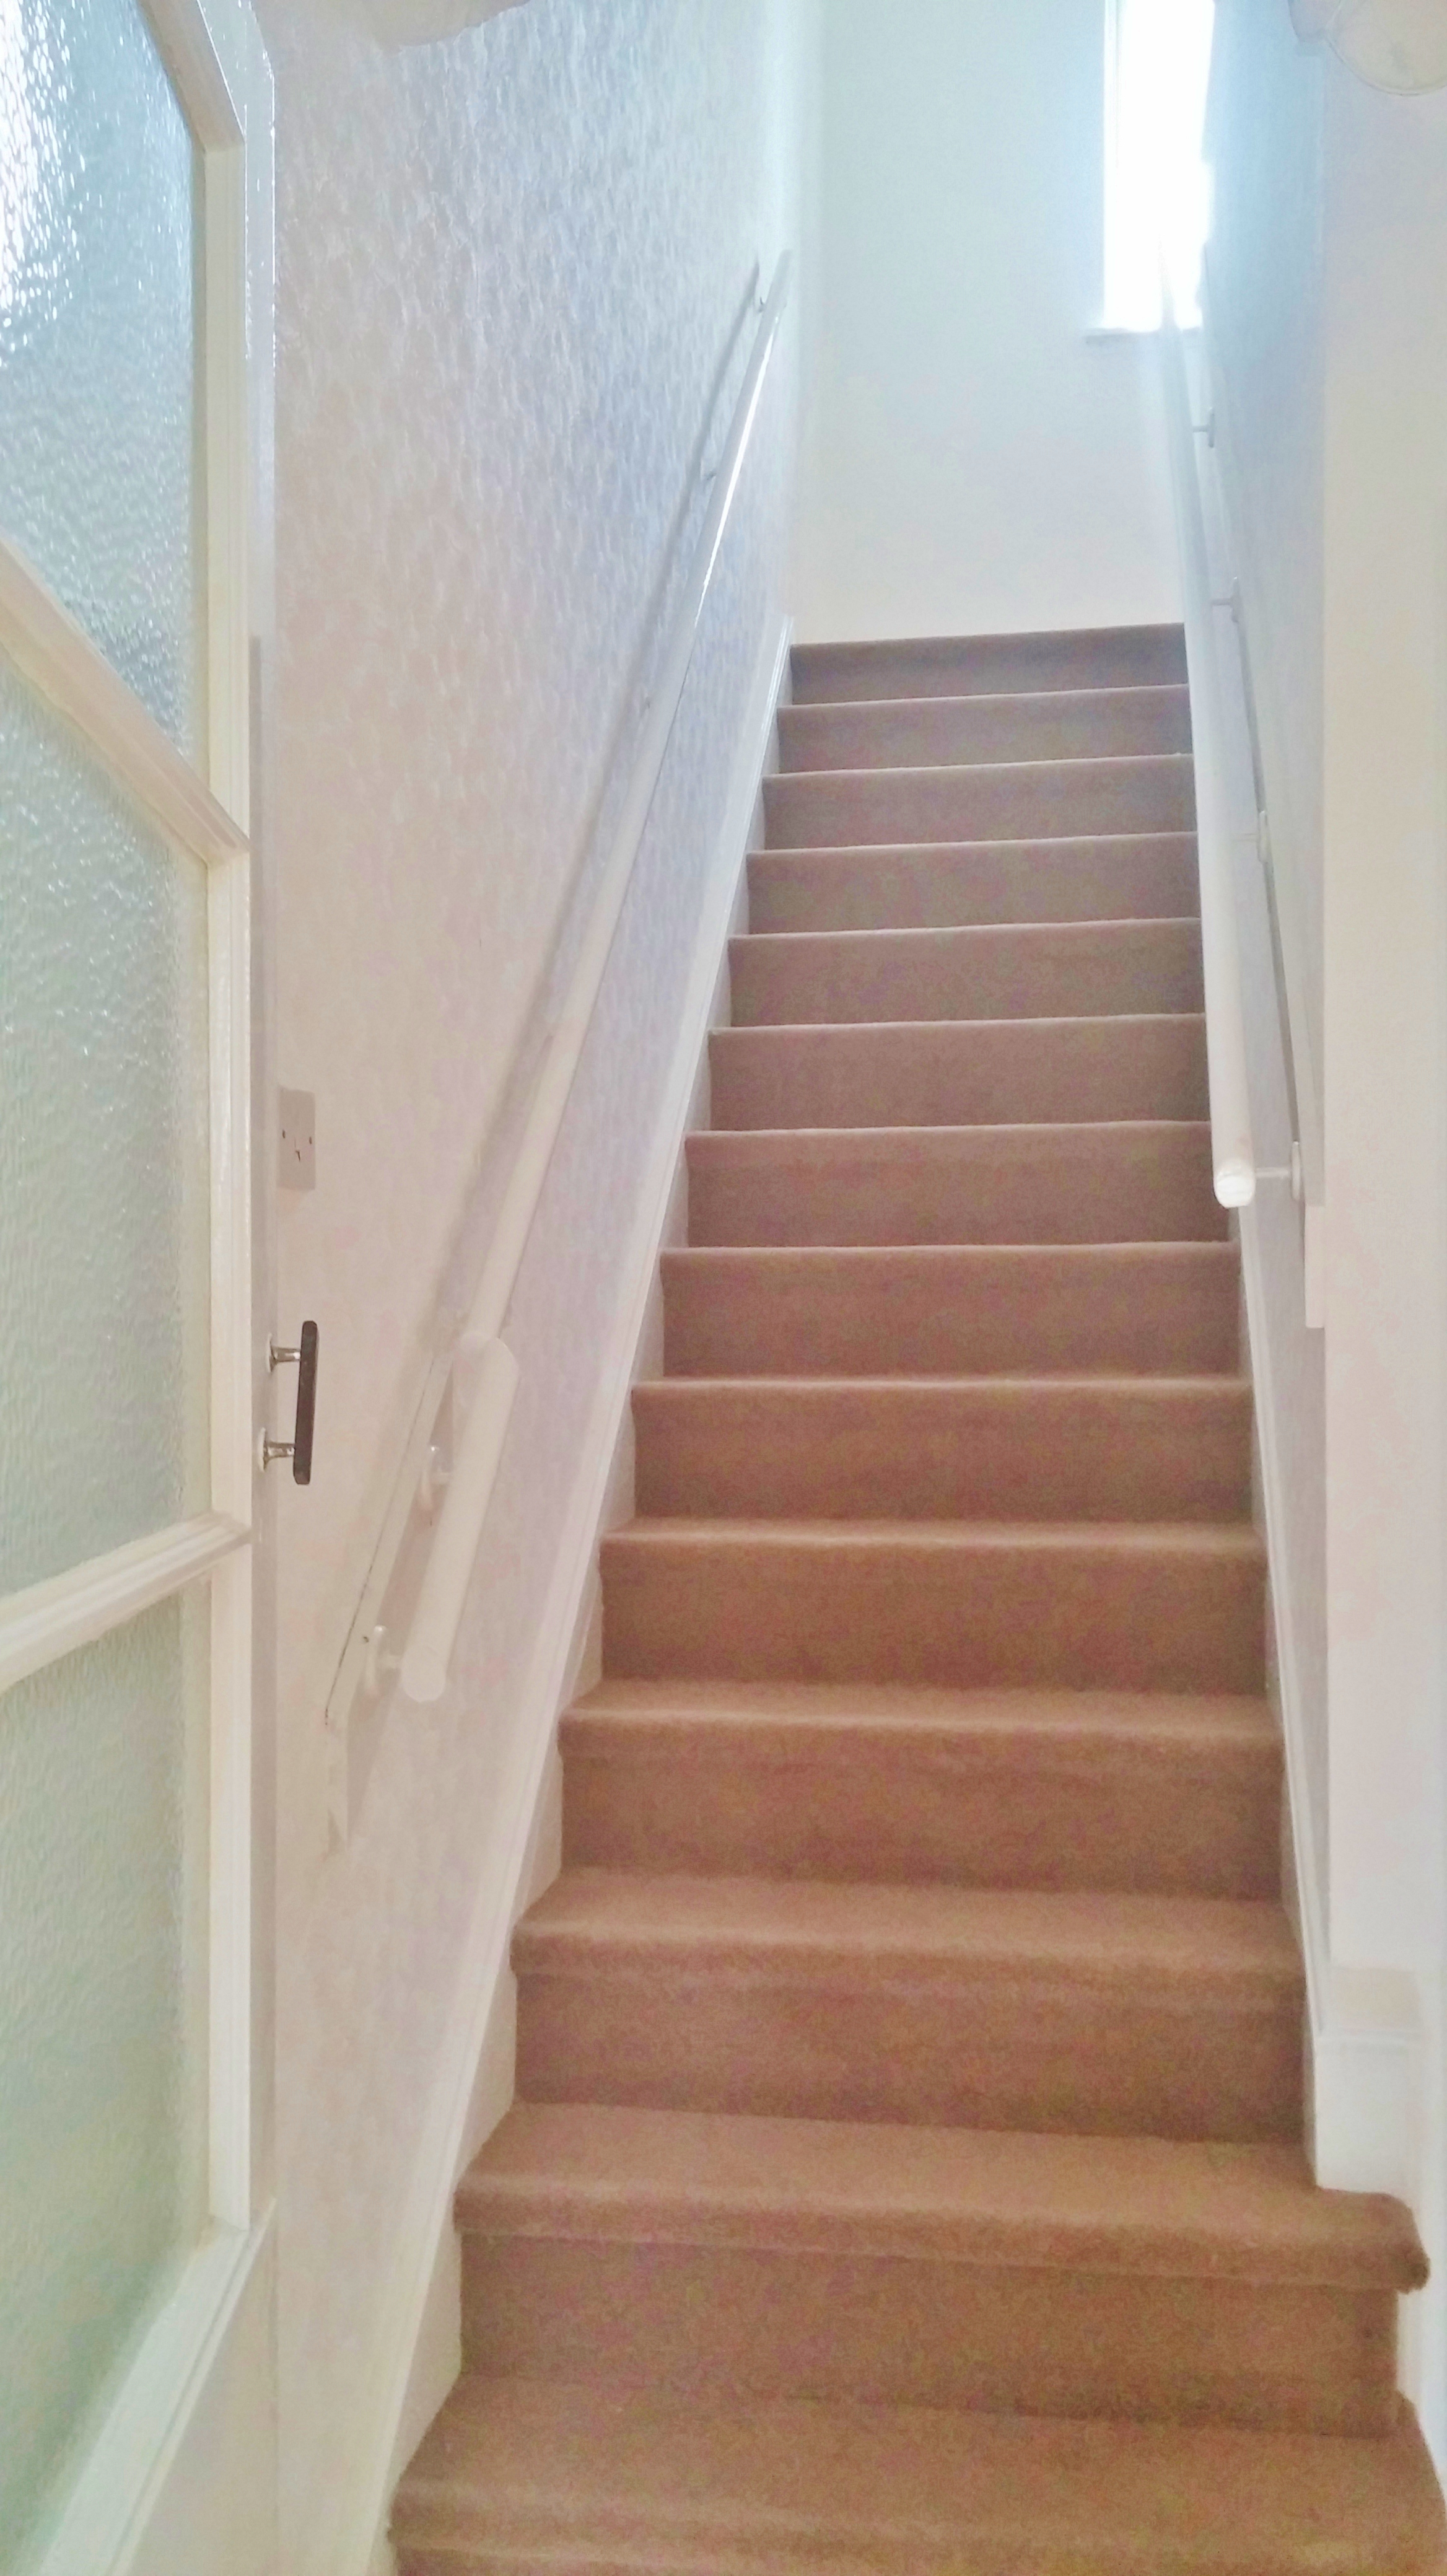 stairs Fairford Gdns